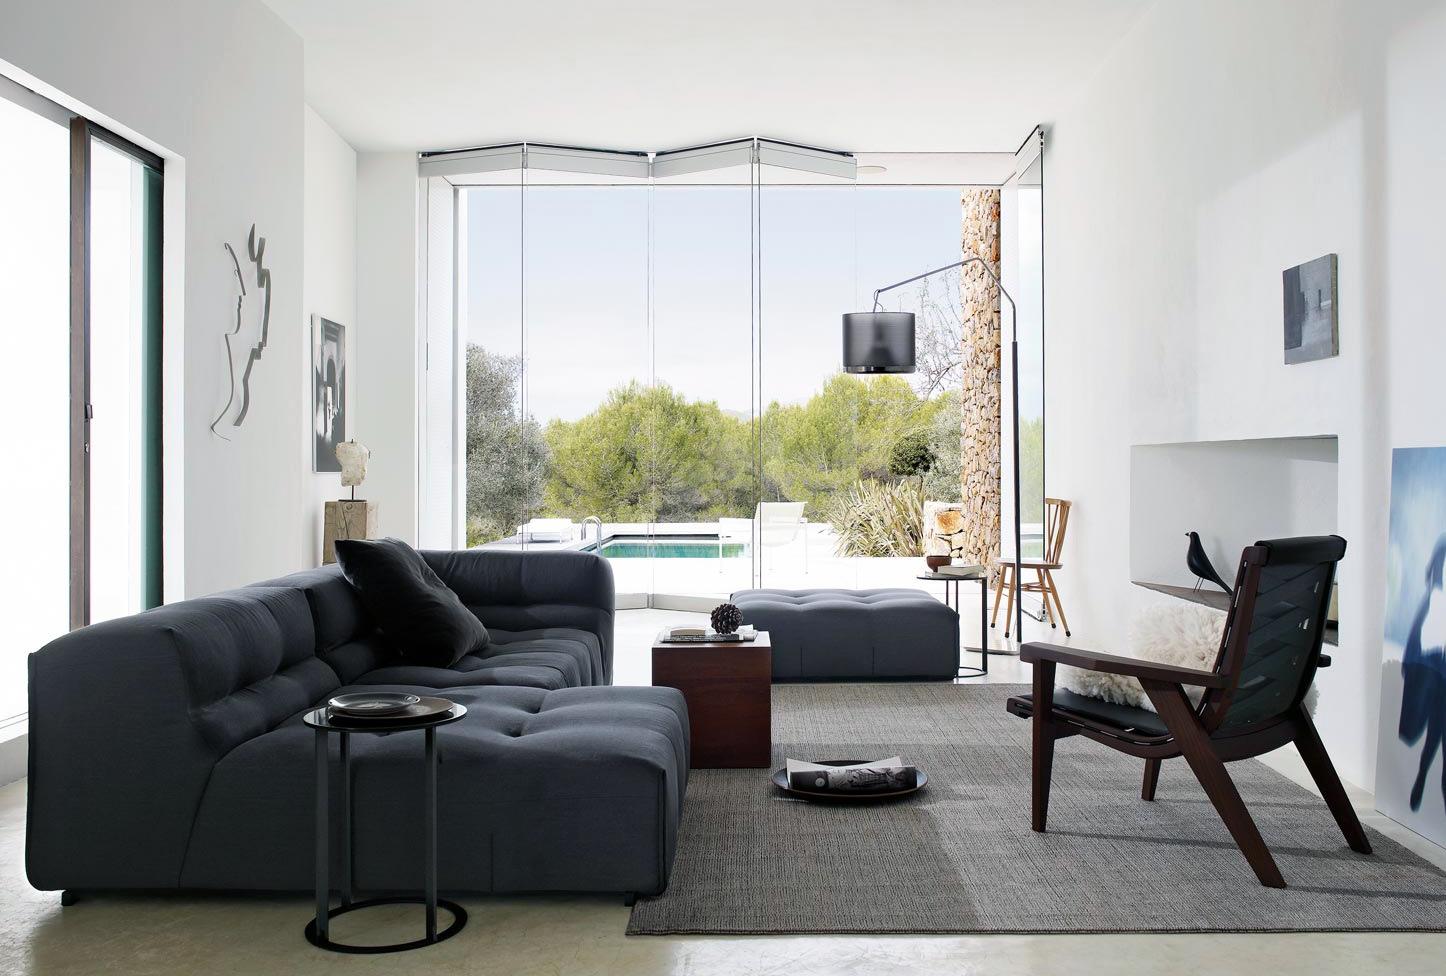 Sofa ideer   interiør inspirasjon